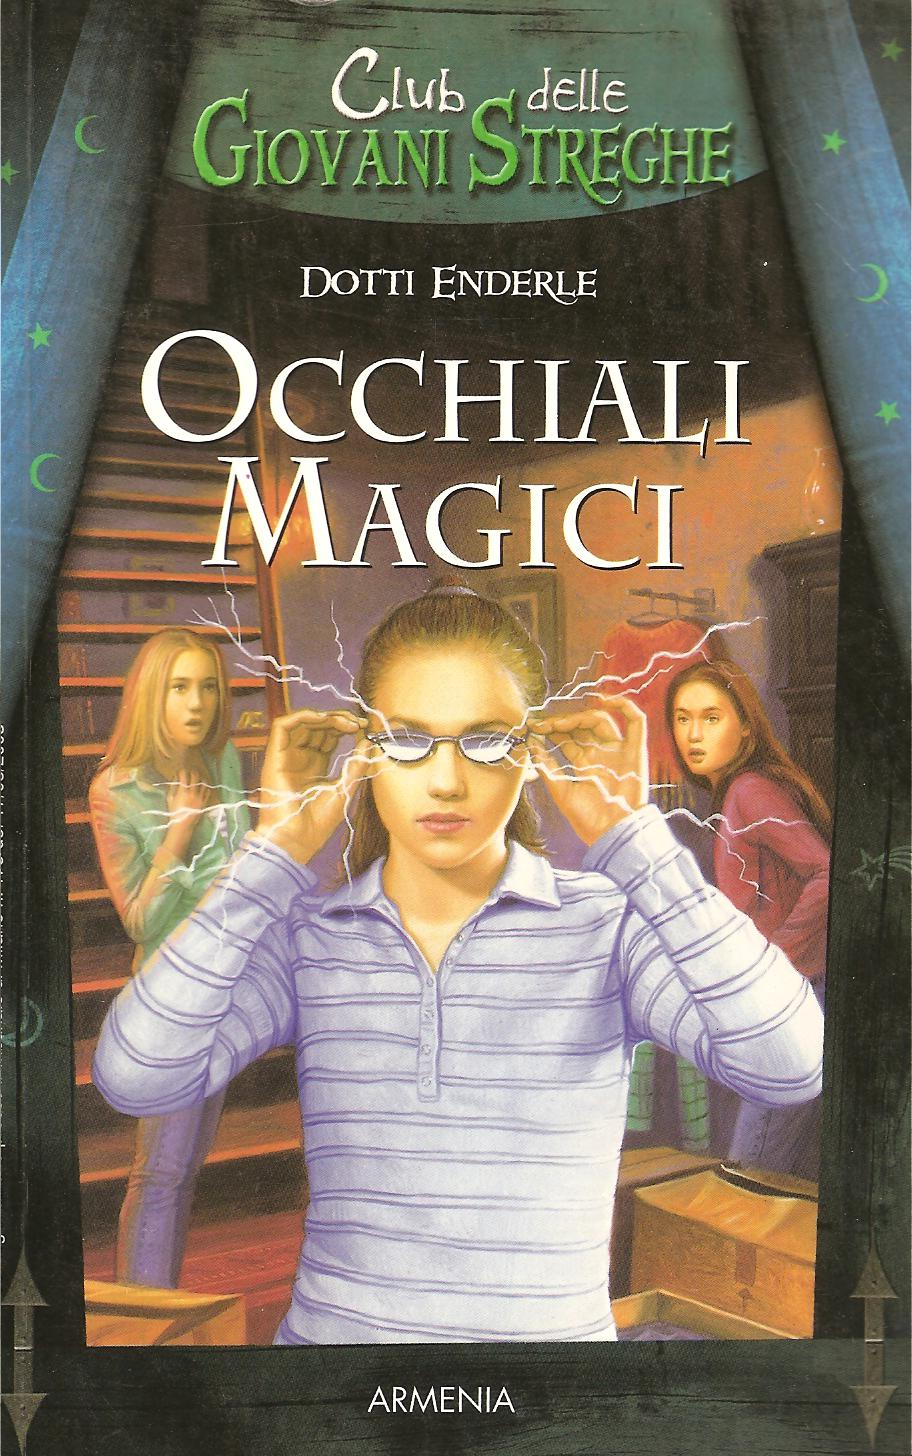 Occhiali magici